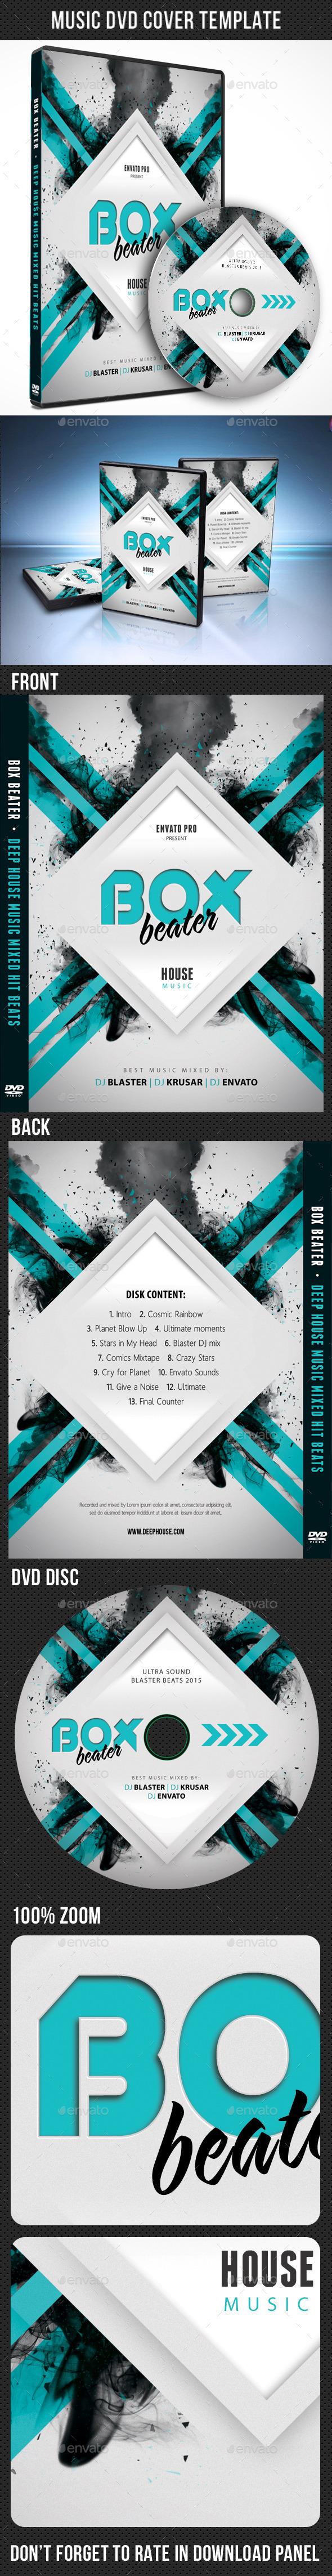 Music DVD Cover Template V08 - CD & DVD Artwork Print Templates